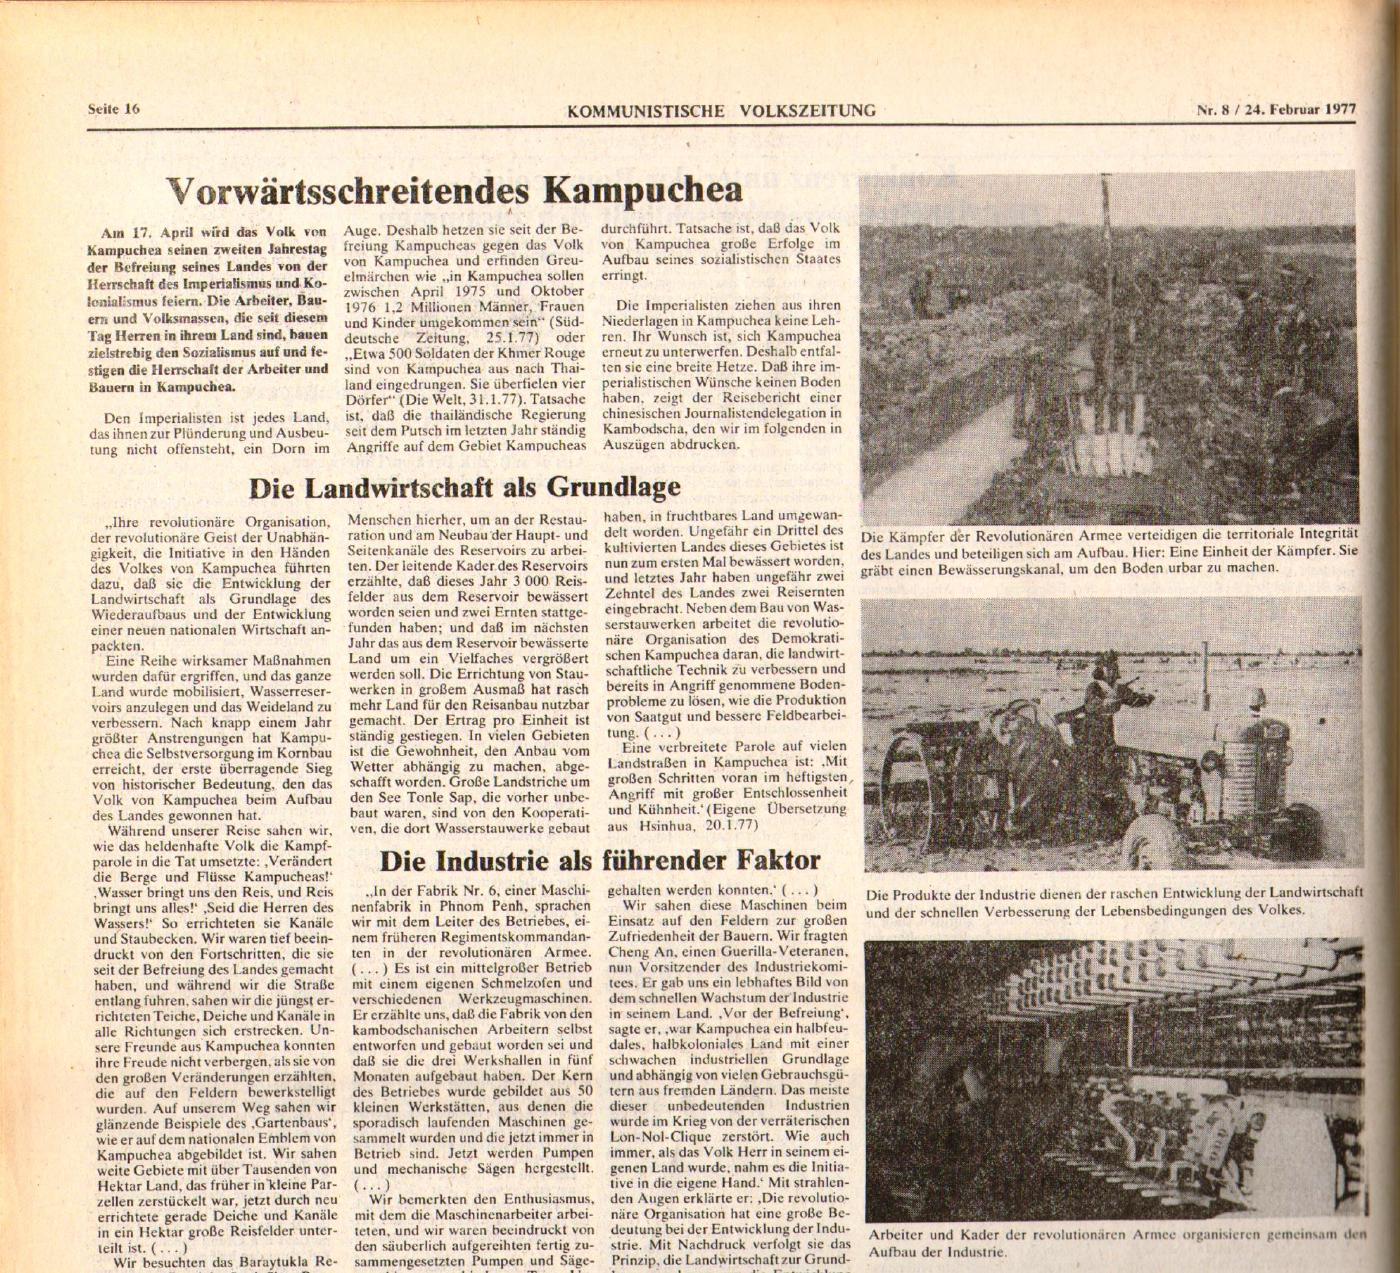 KVZ_Nord_1977_08_31